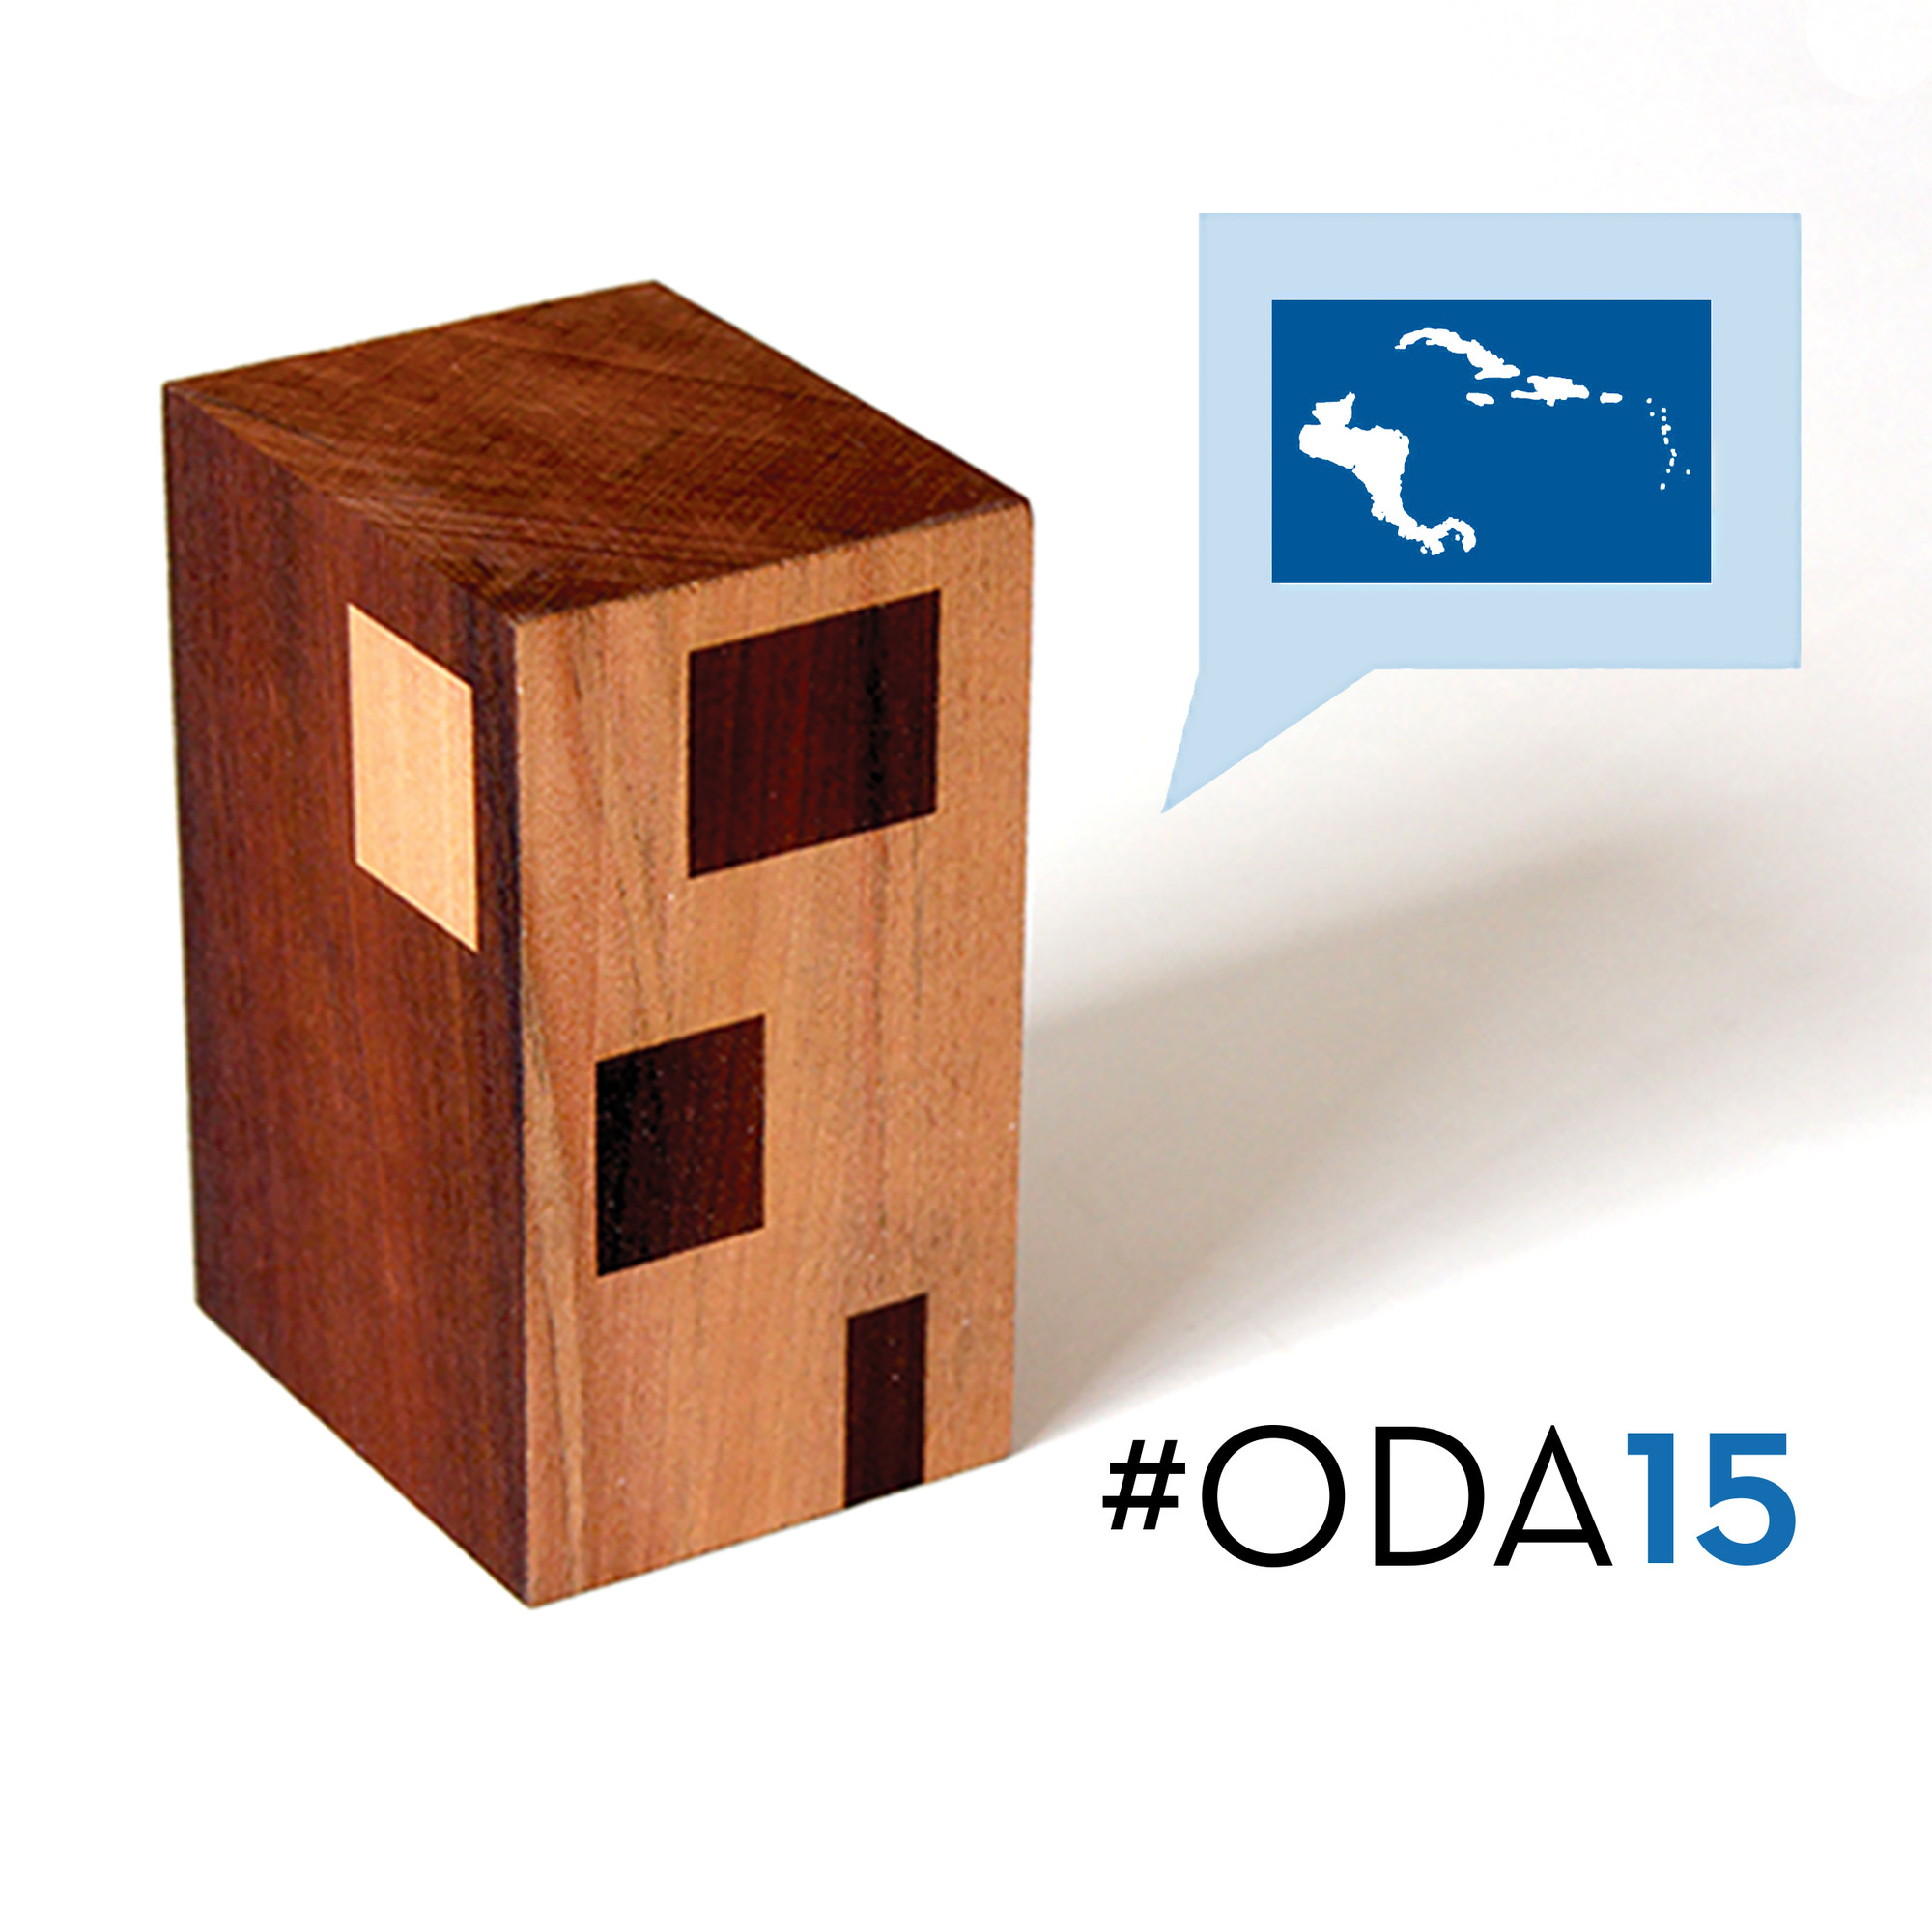 Conoce las obras de América Central y del Caribe que están participando en #ODA15